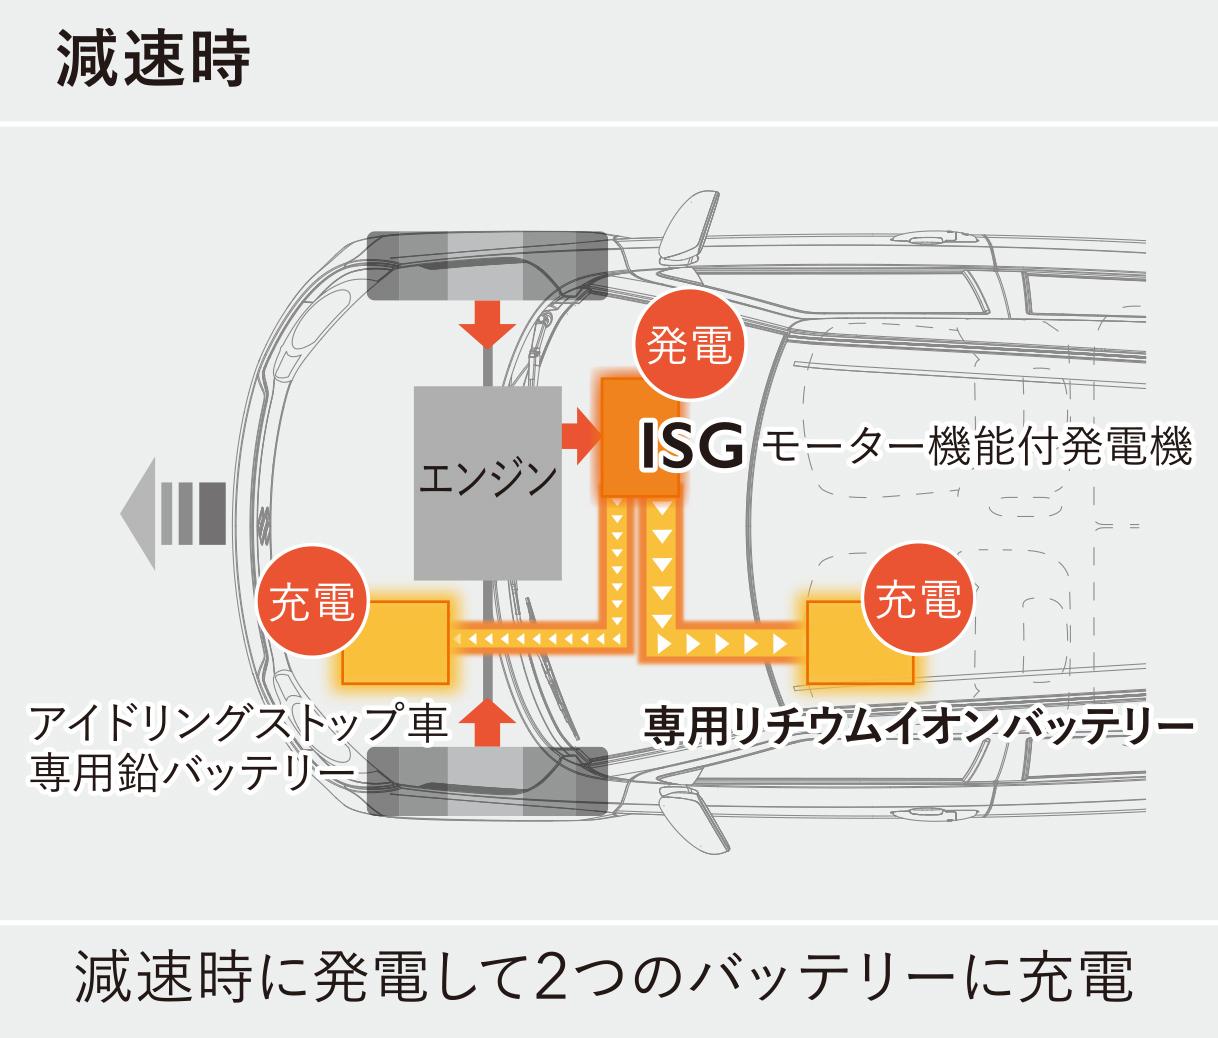 イグニス走行シーン上から撮影。HYBRID MZセーフティパッケージ装着車。ボディーカラーはピュアホワイトパール ブラック2トーンルーフ